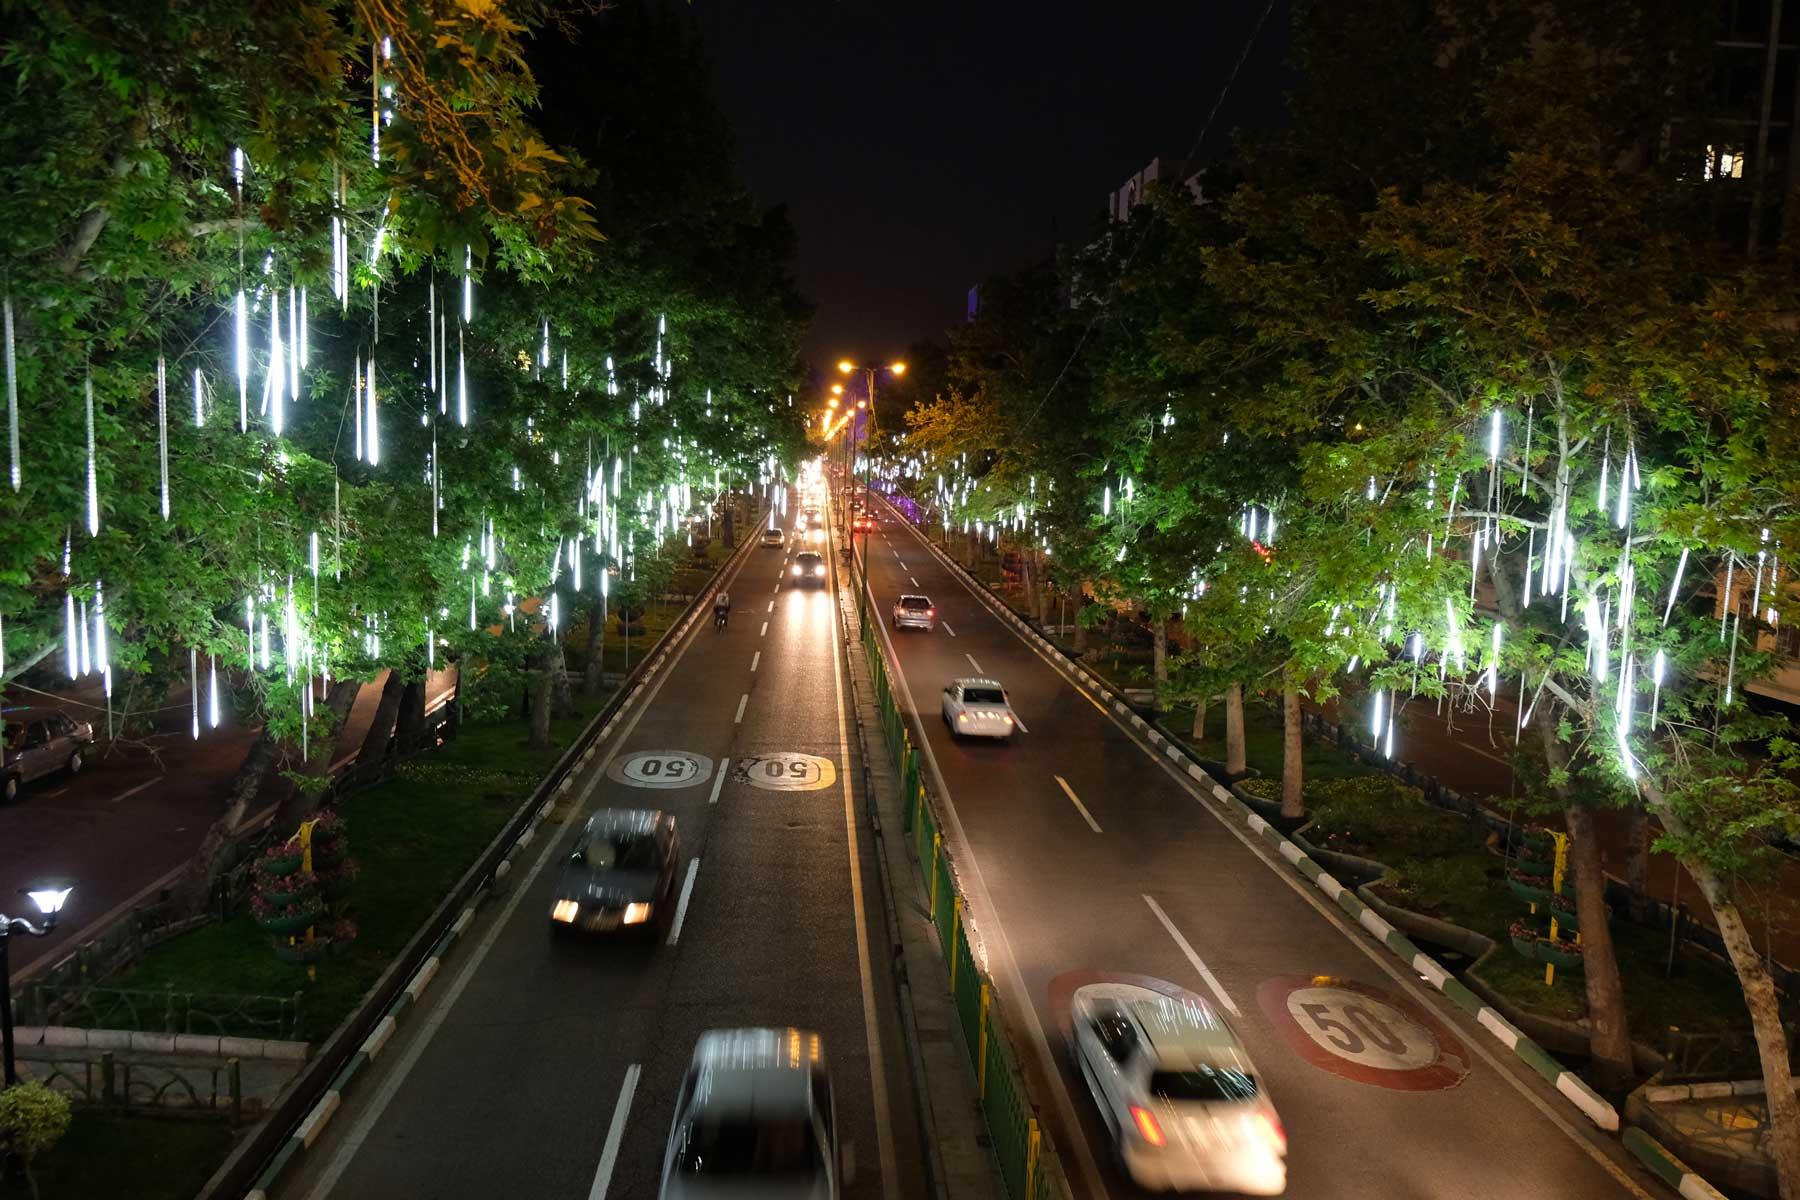 Gute Beleuchtung trägt dazu bei, dass wir uns sicher fühlen. So verrückt wie in den Straßen Teherans, wo die Bäume für unsere Augen weihnachtlich geschmückt sind, sieht es aber nicht überall aus